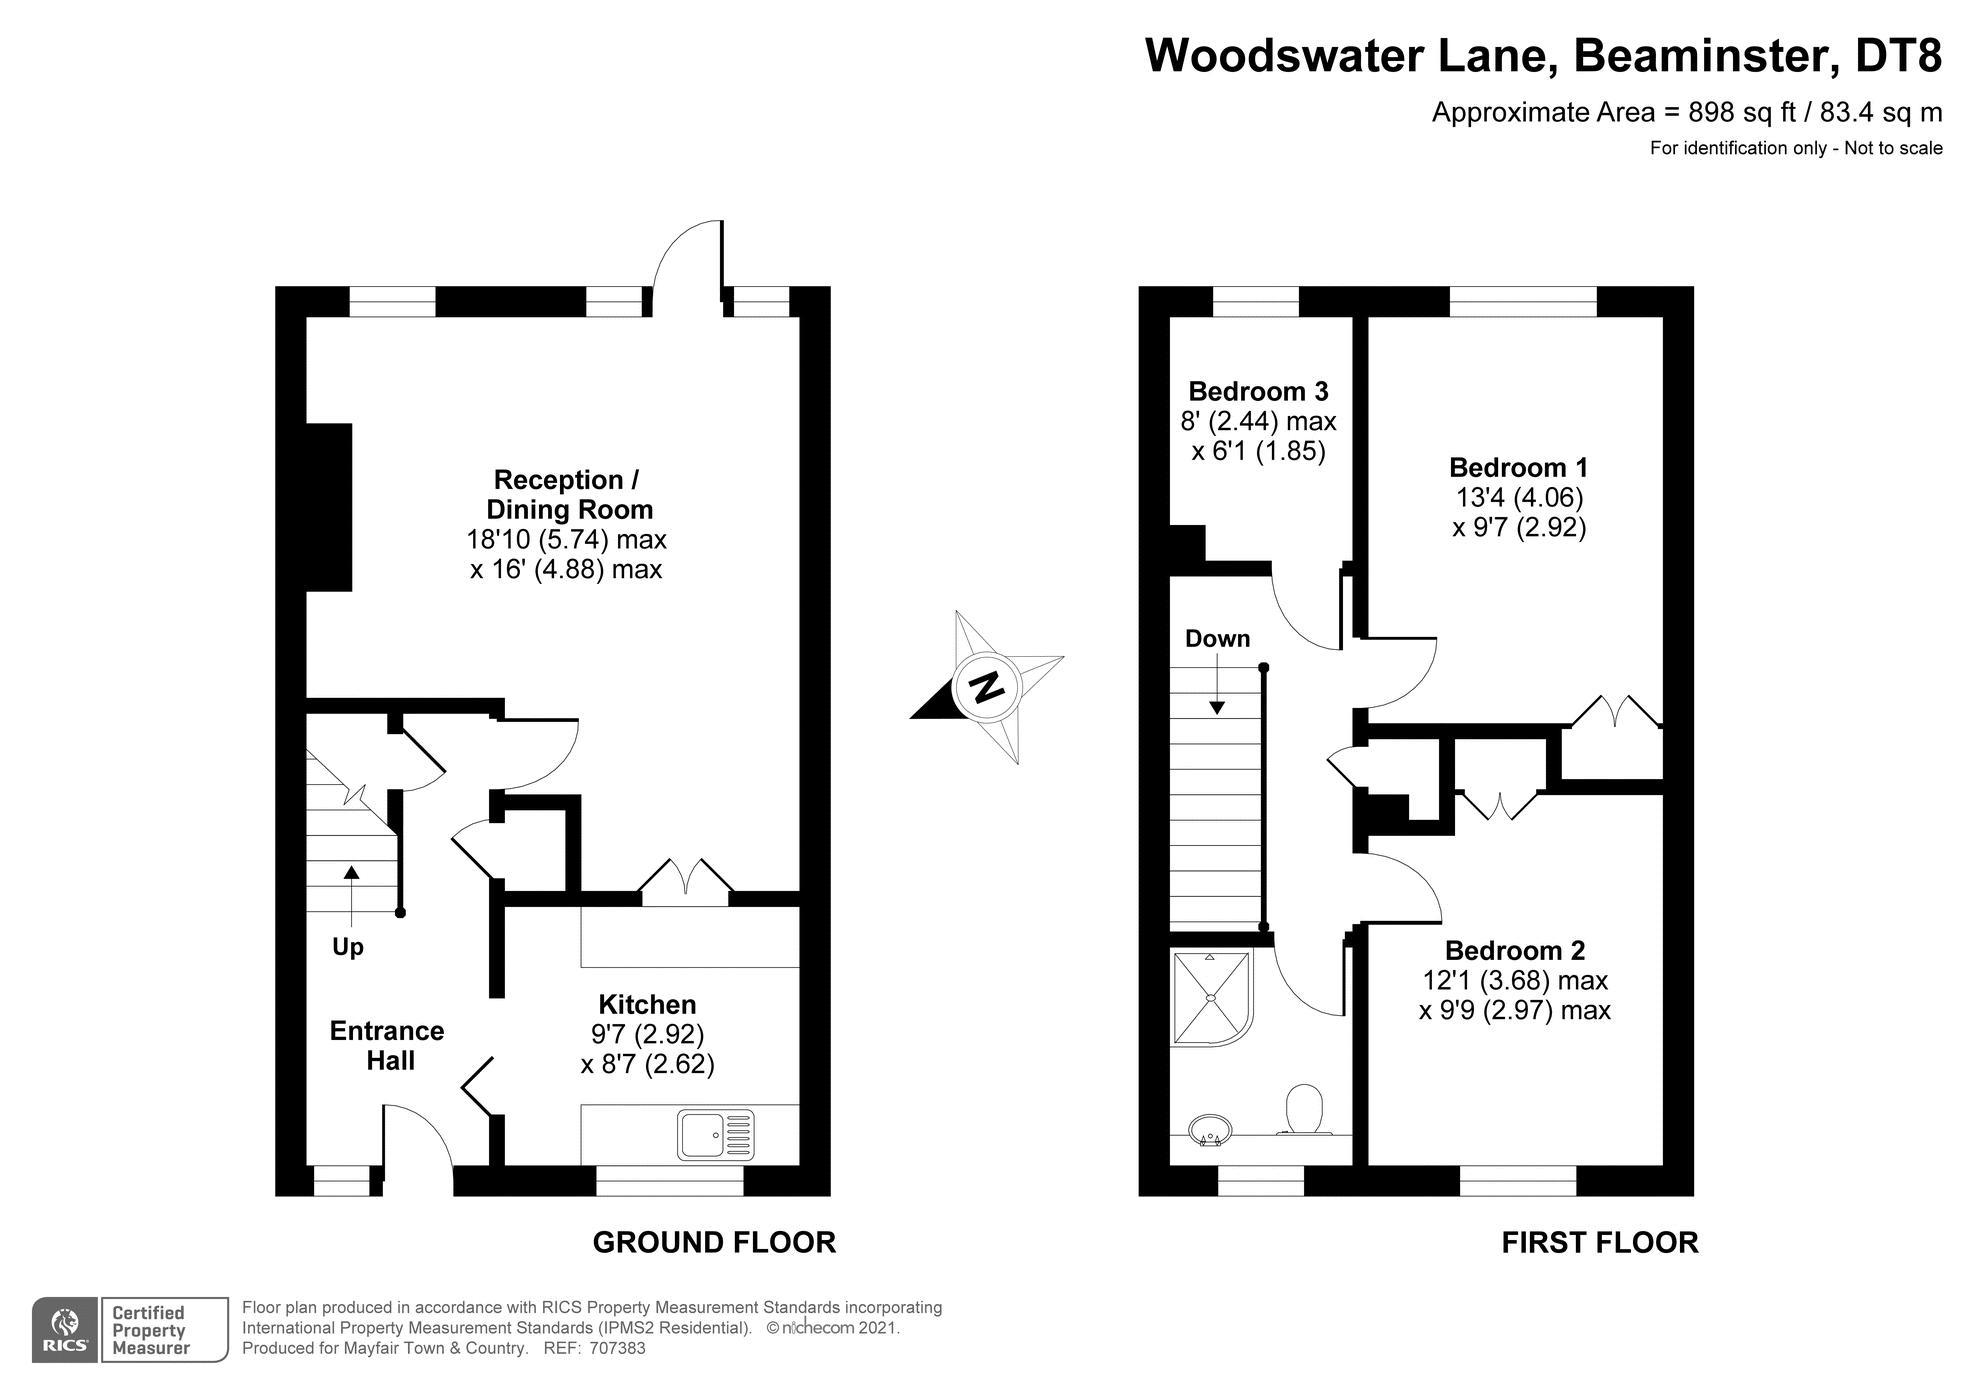 Woodswater Lane